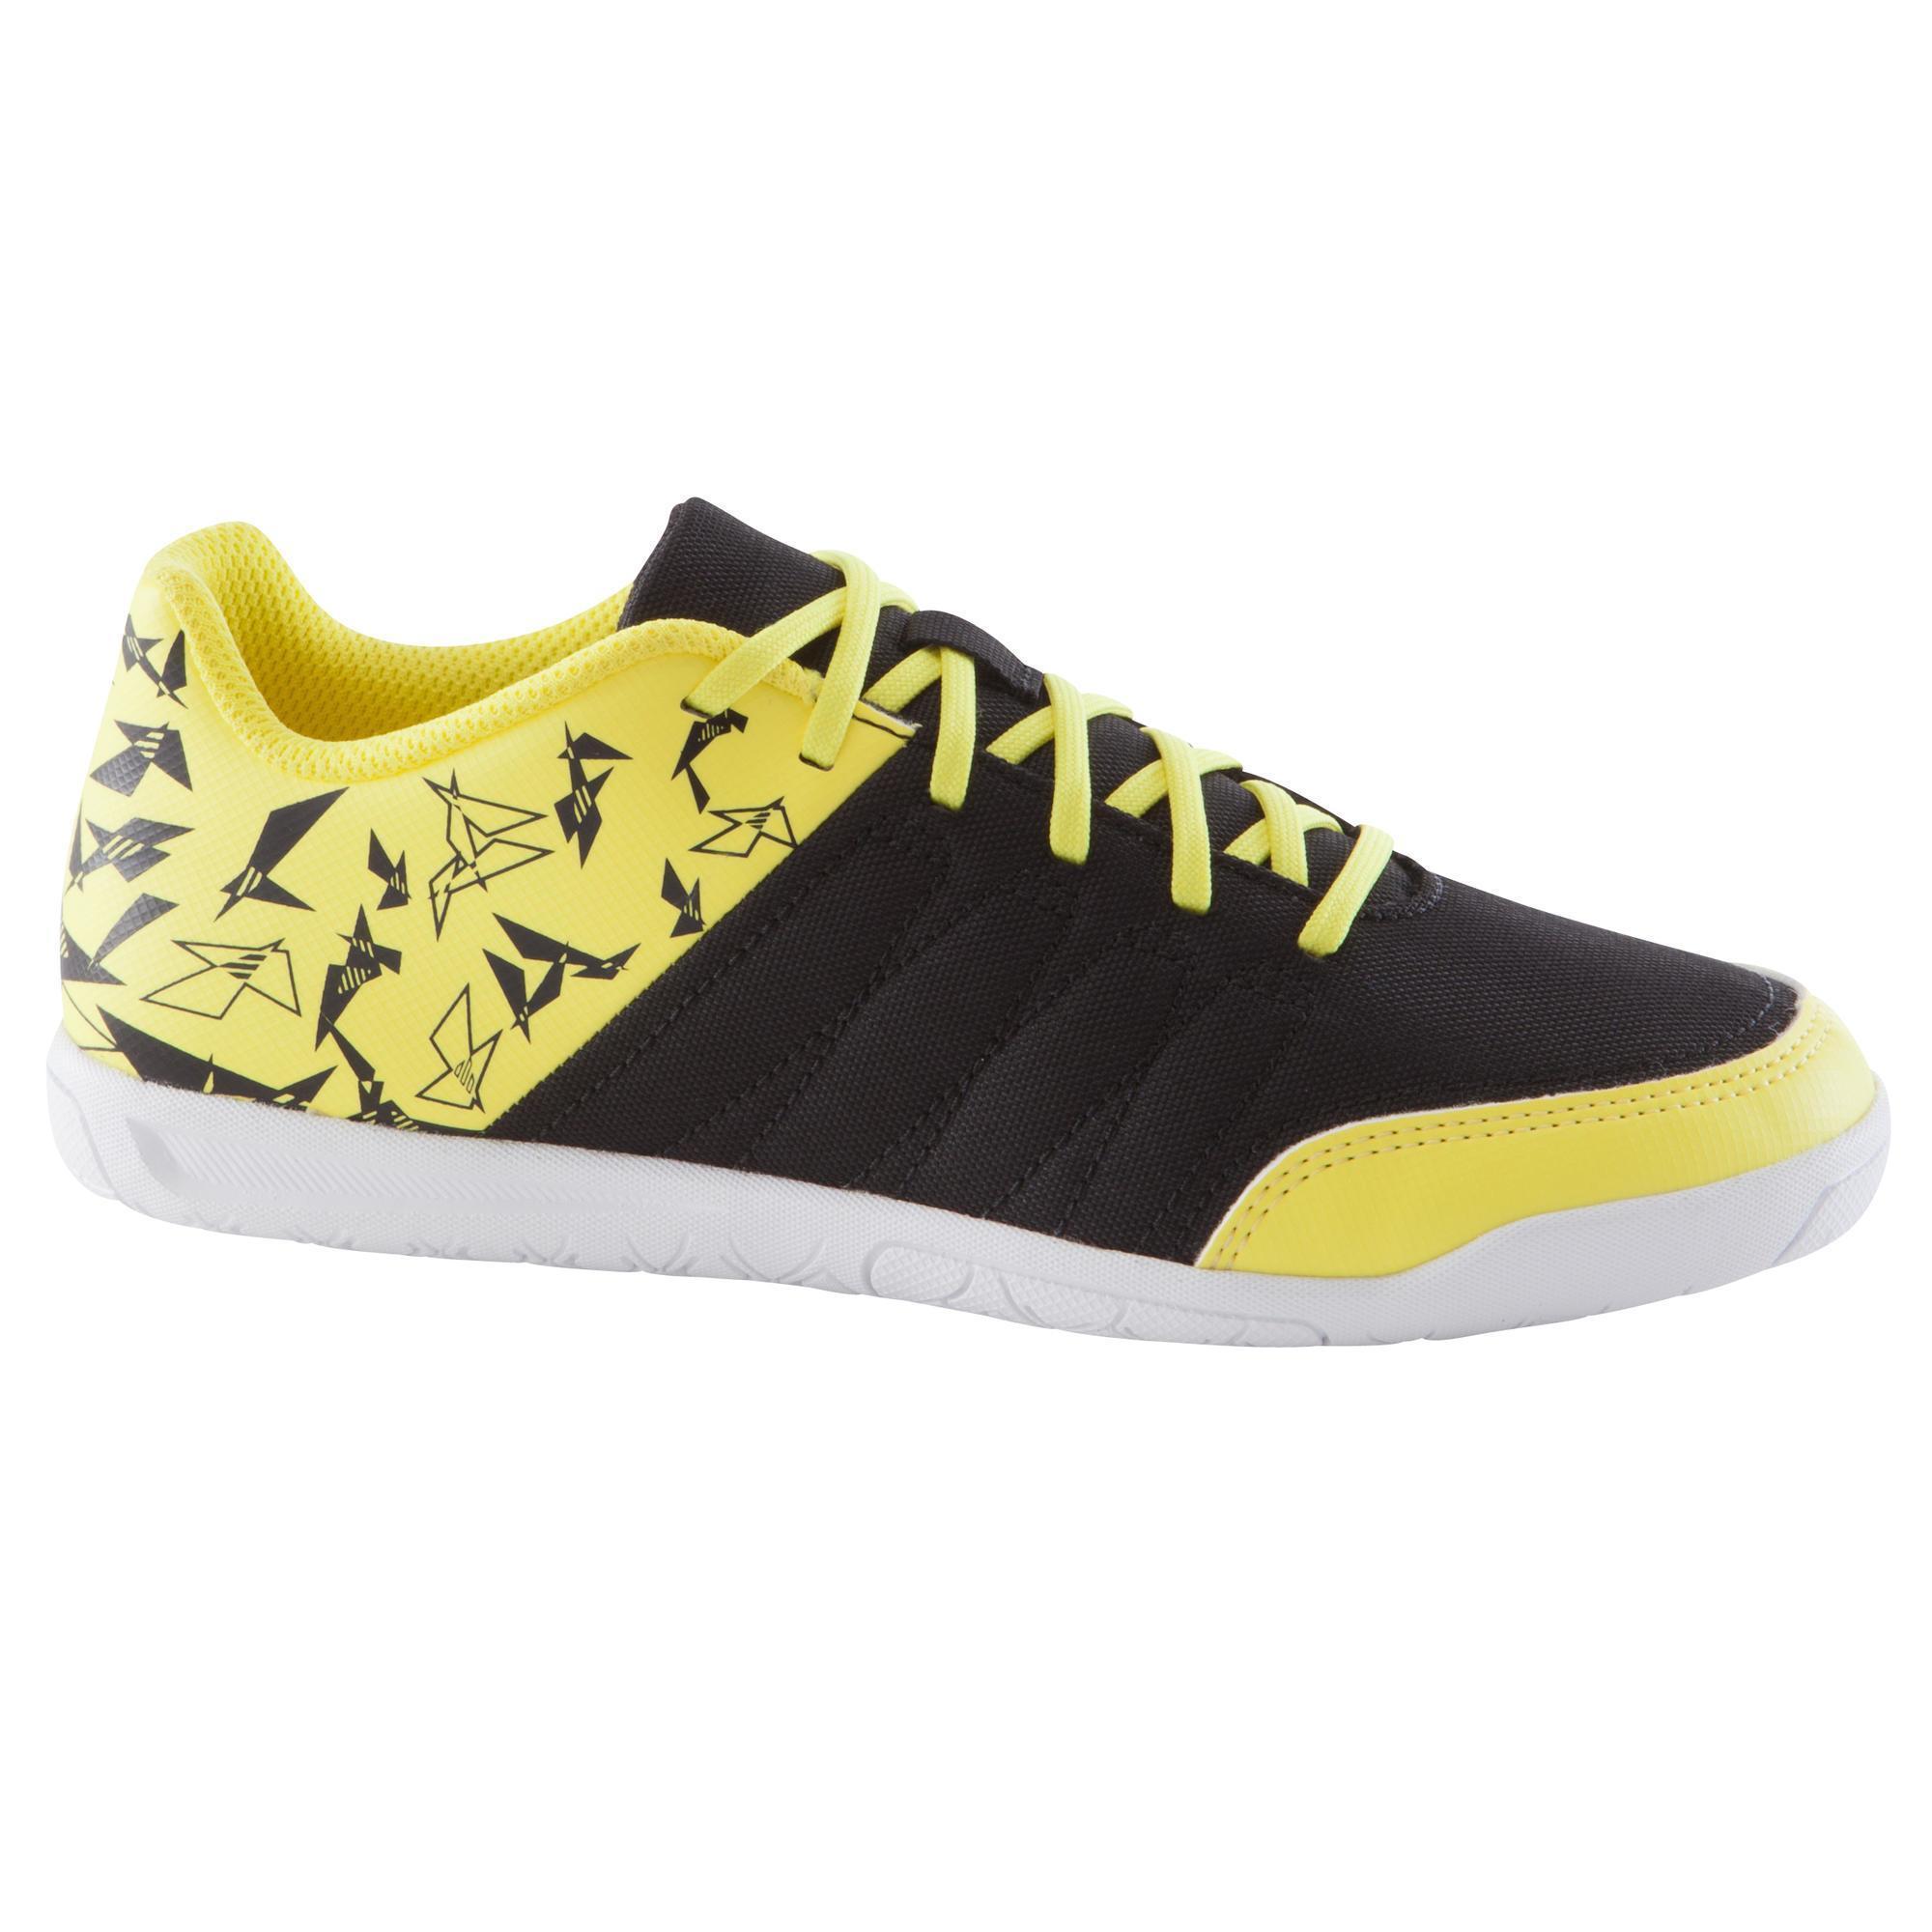 Chaussure foot salle kipsta - Chaussure enfant decathlon ...